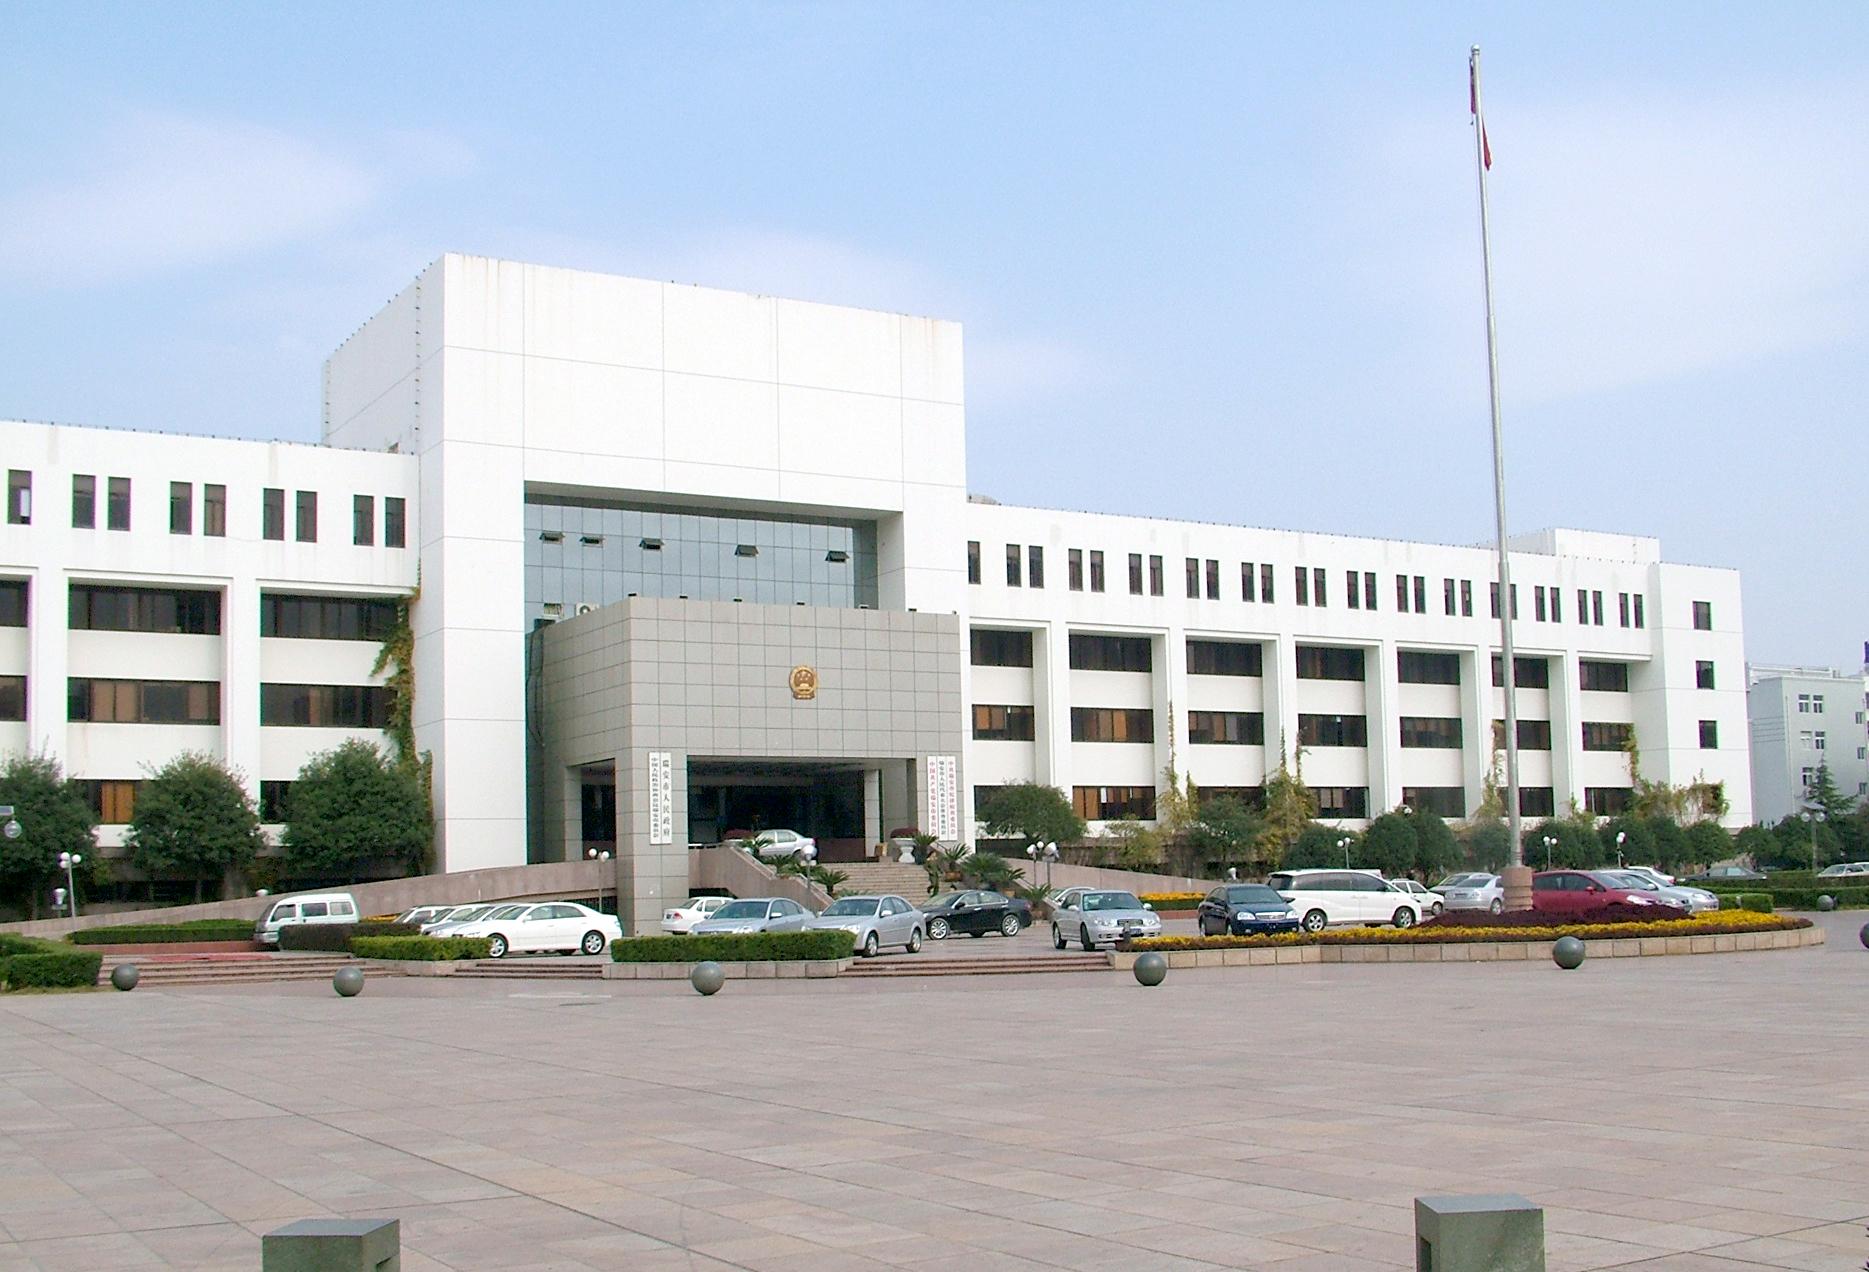 瑞安市人民廣場(2000年度溫州優質市政工程).jpg